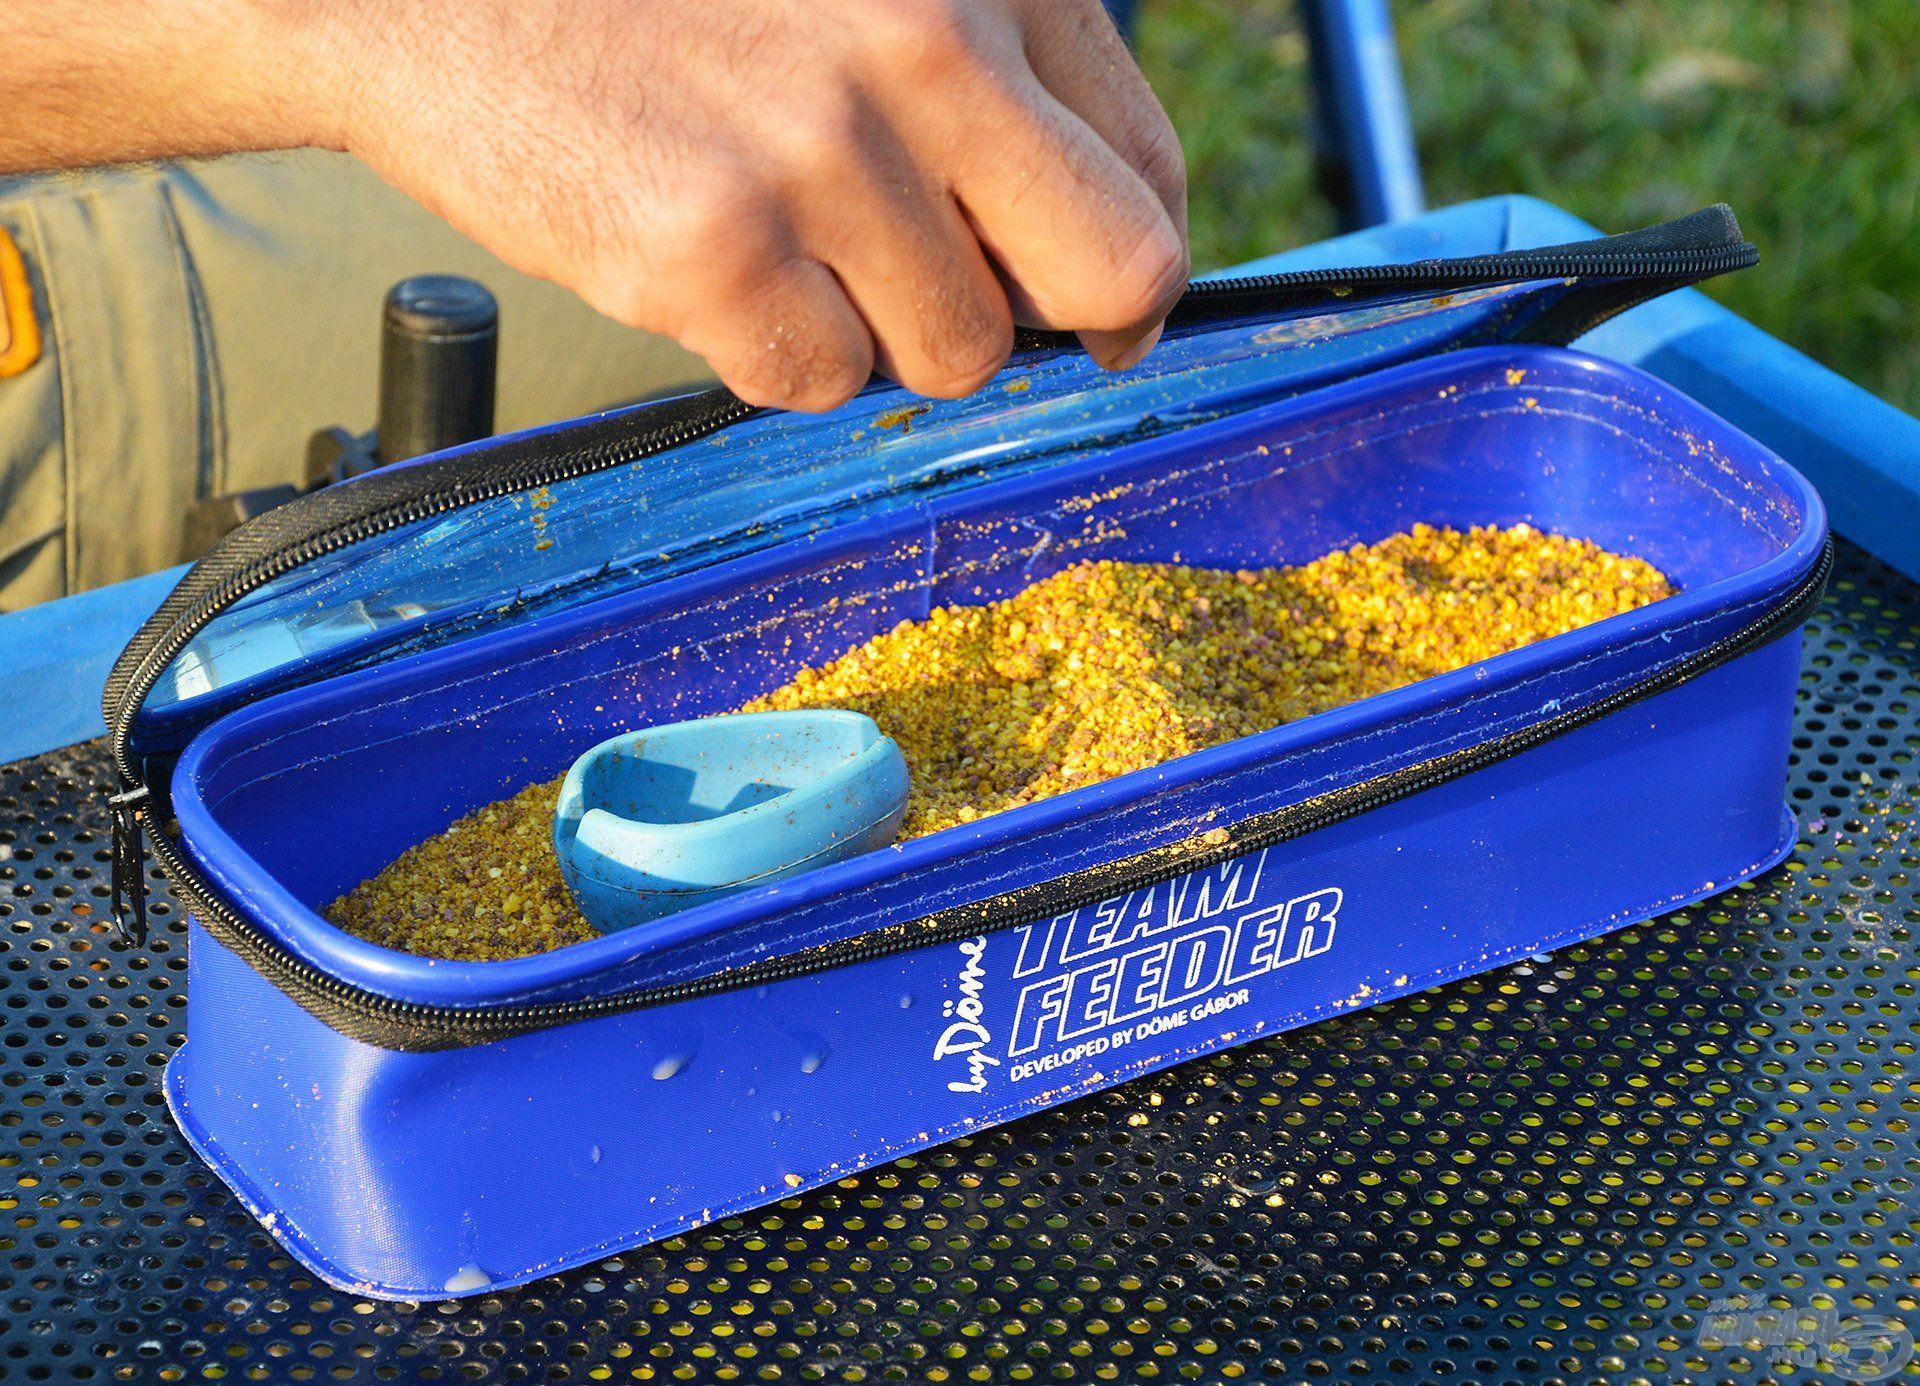 Egy zárható fedeles tároló megkönnyíti az etetőanyag frissen tartását, hisz véd a kiszáradás és az eső ellen egyaránt